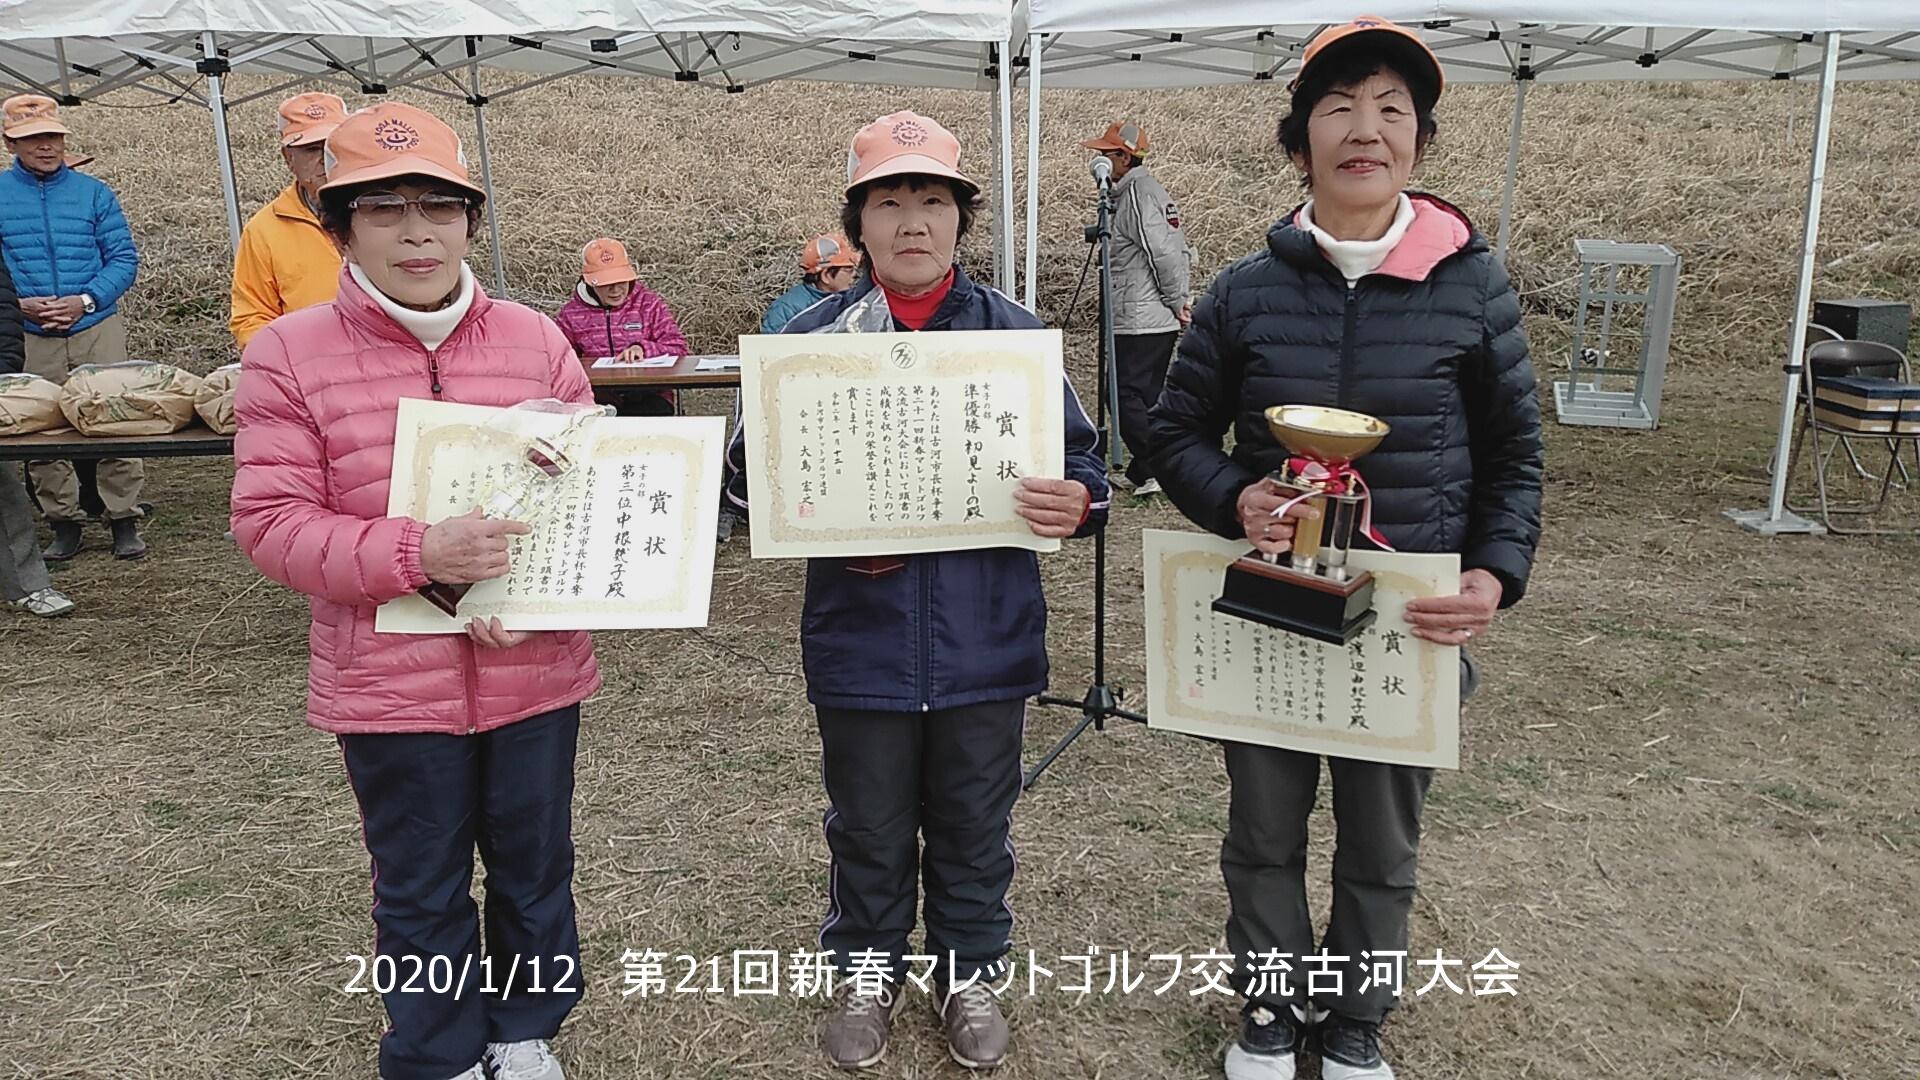 200112新春大会女子